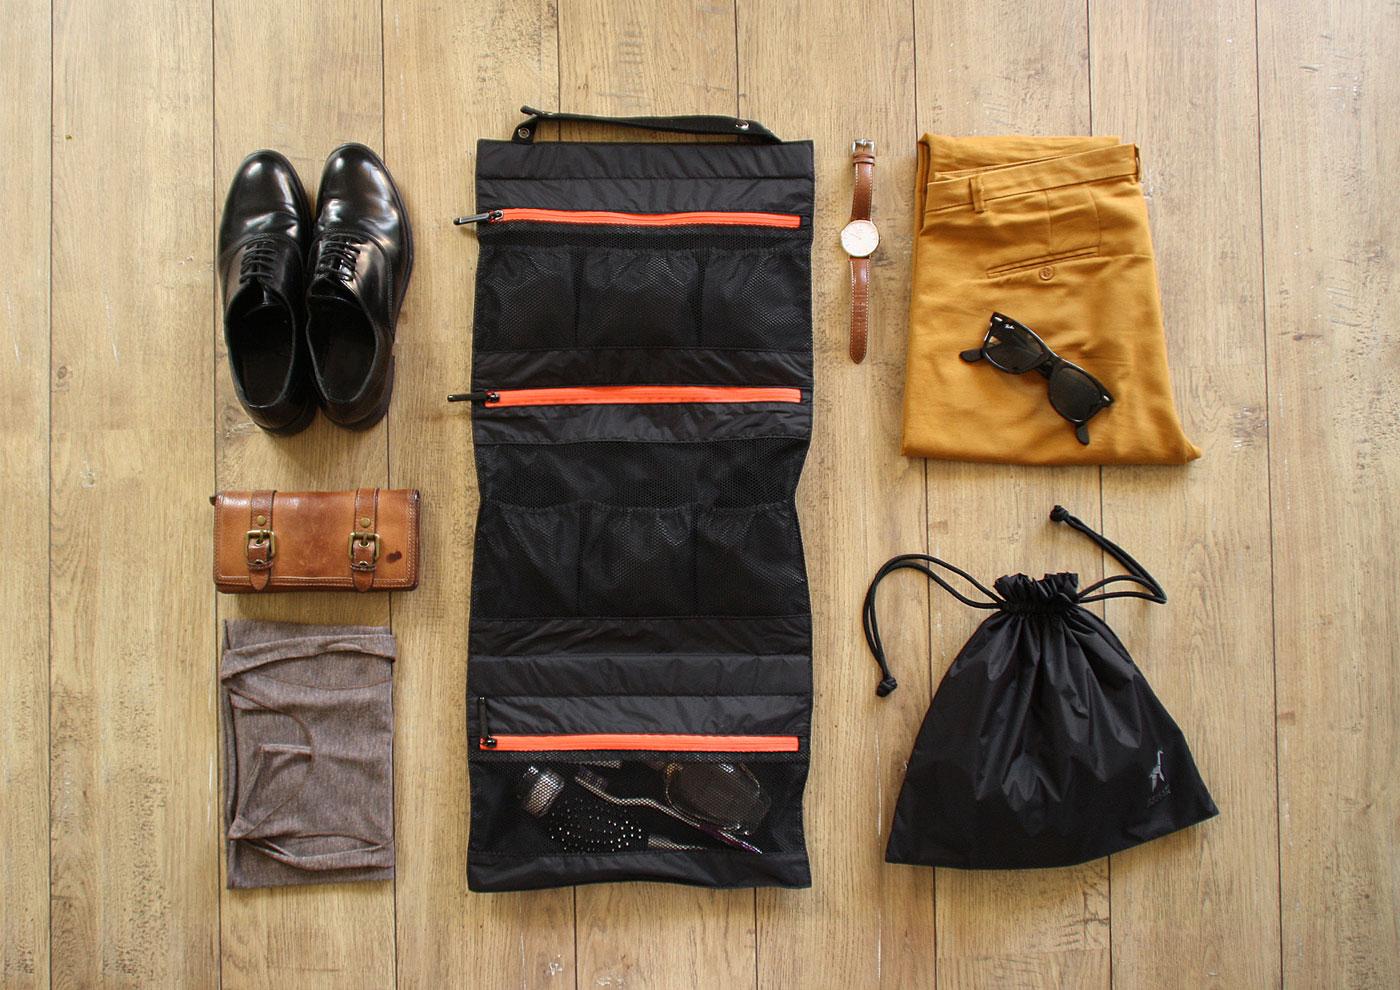 The Origami Unicorn organizer also comes in black, great for men. Photo courtesy of Origami Unicorn